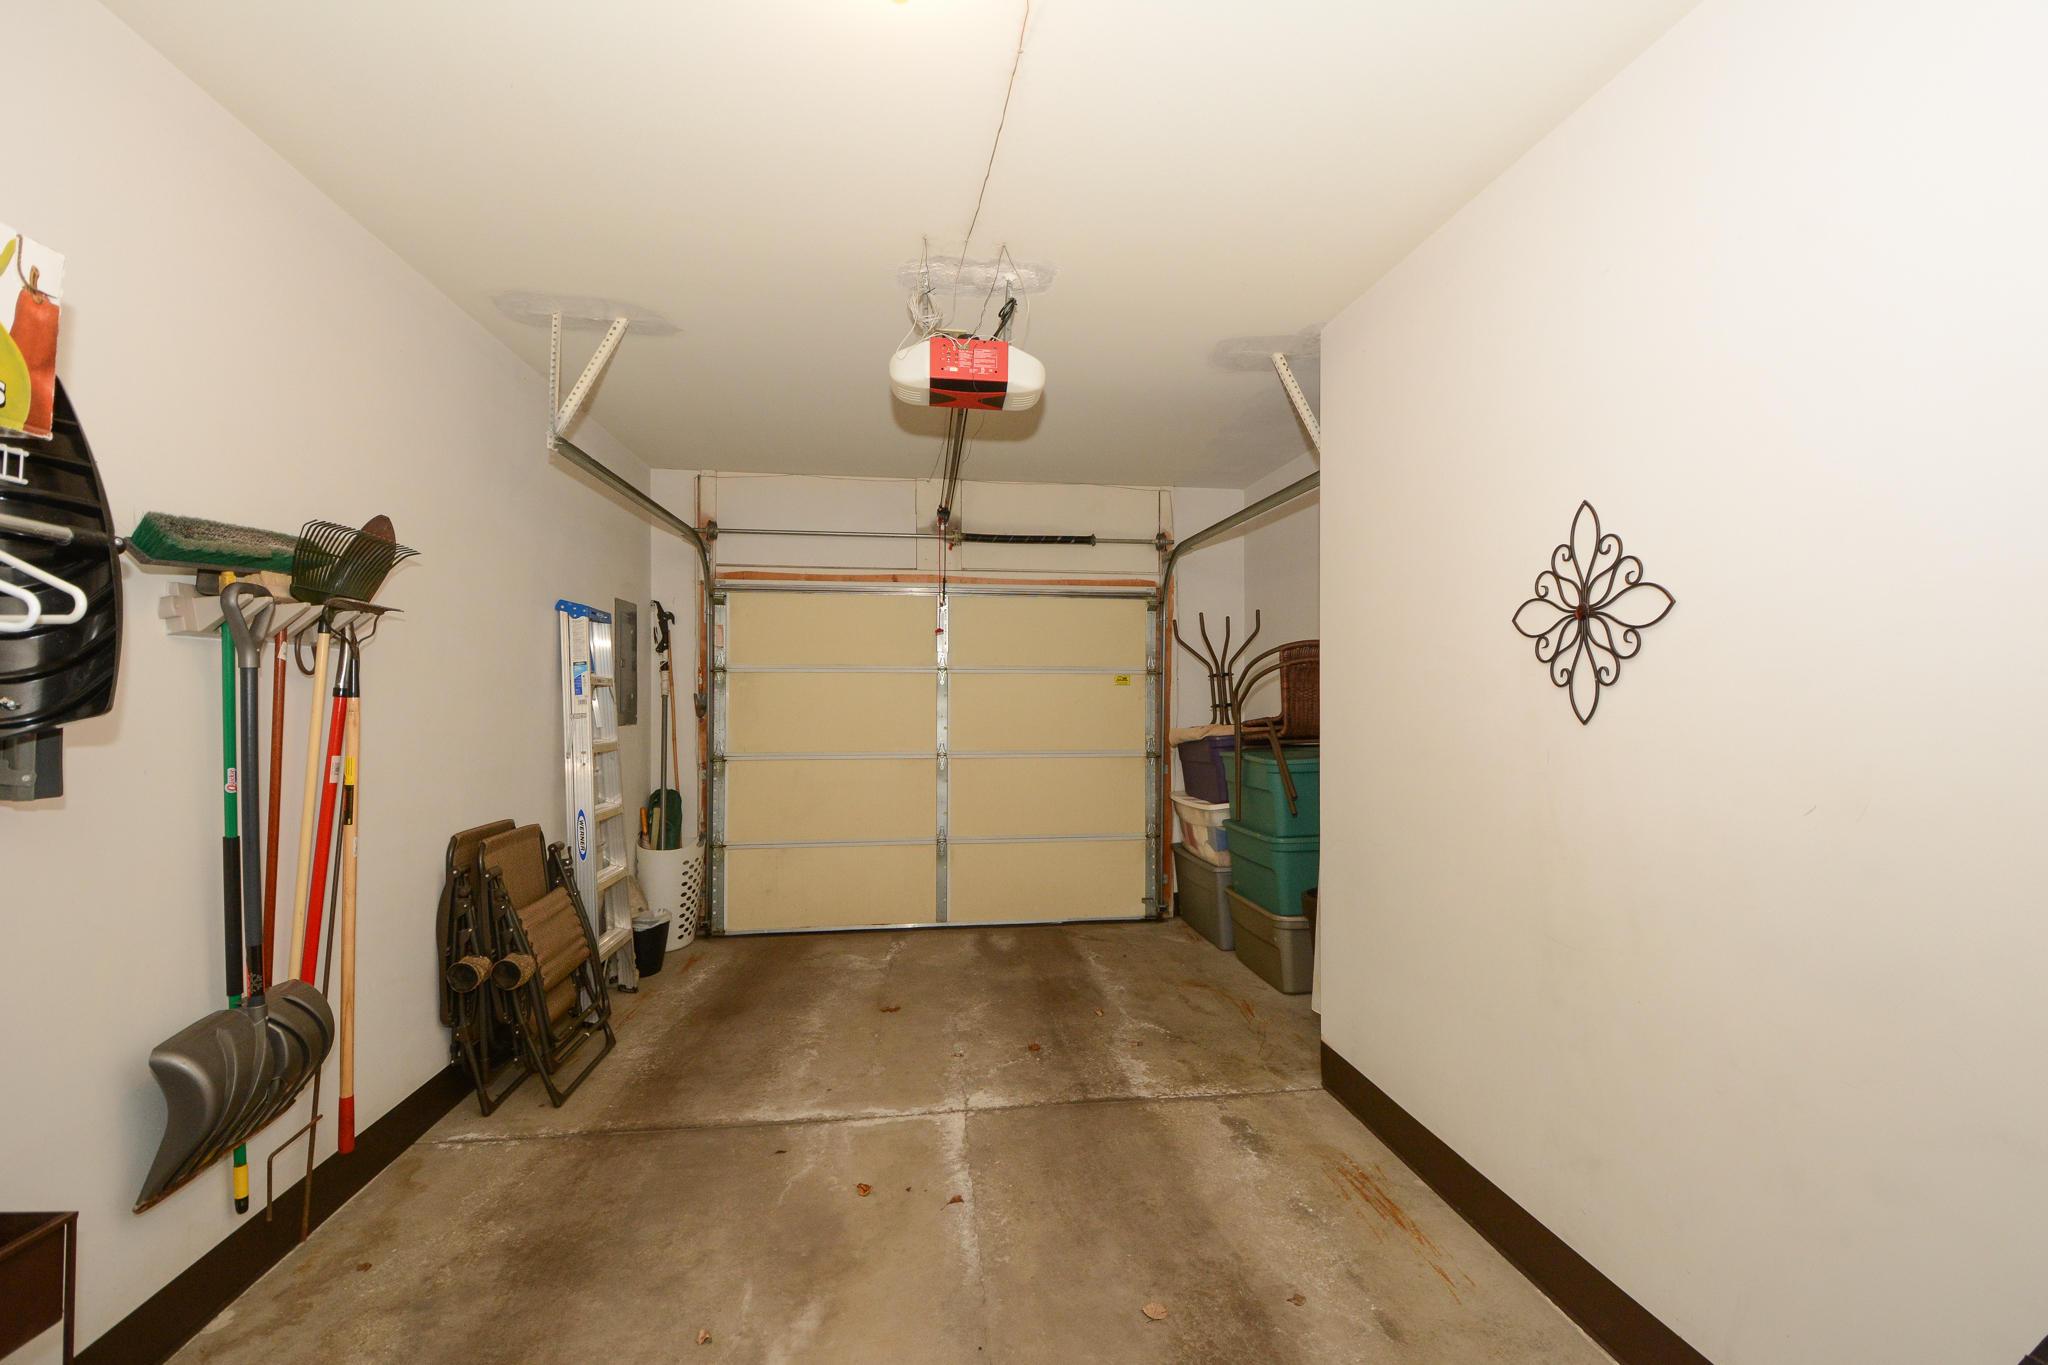 2425 Fox River Pkwy, Waukesha, Wisconsin 53189, 2 Bedrooms Bedrooms, ,1 BathroomBathrooms,Condominiums,For Sale,Fox River Pkwy,1,1683462